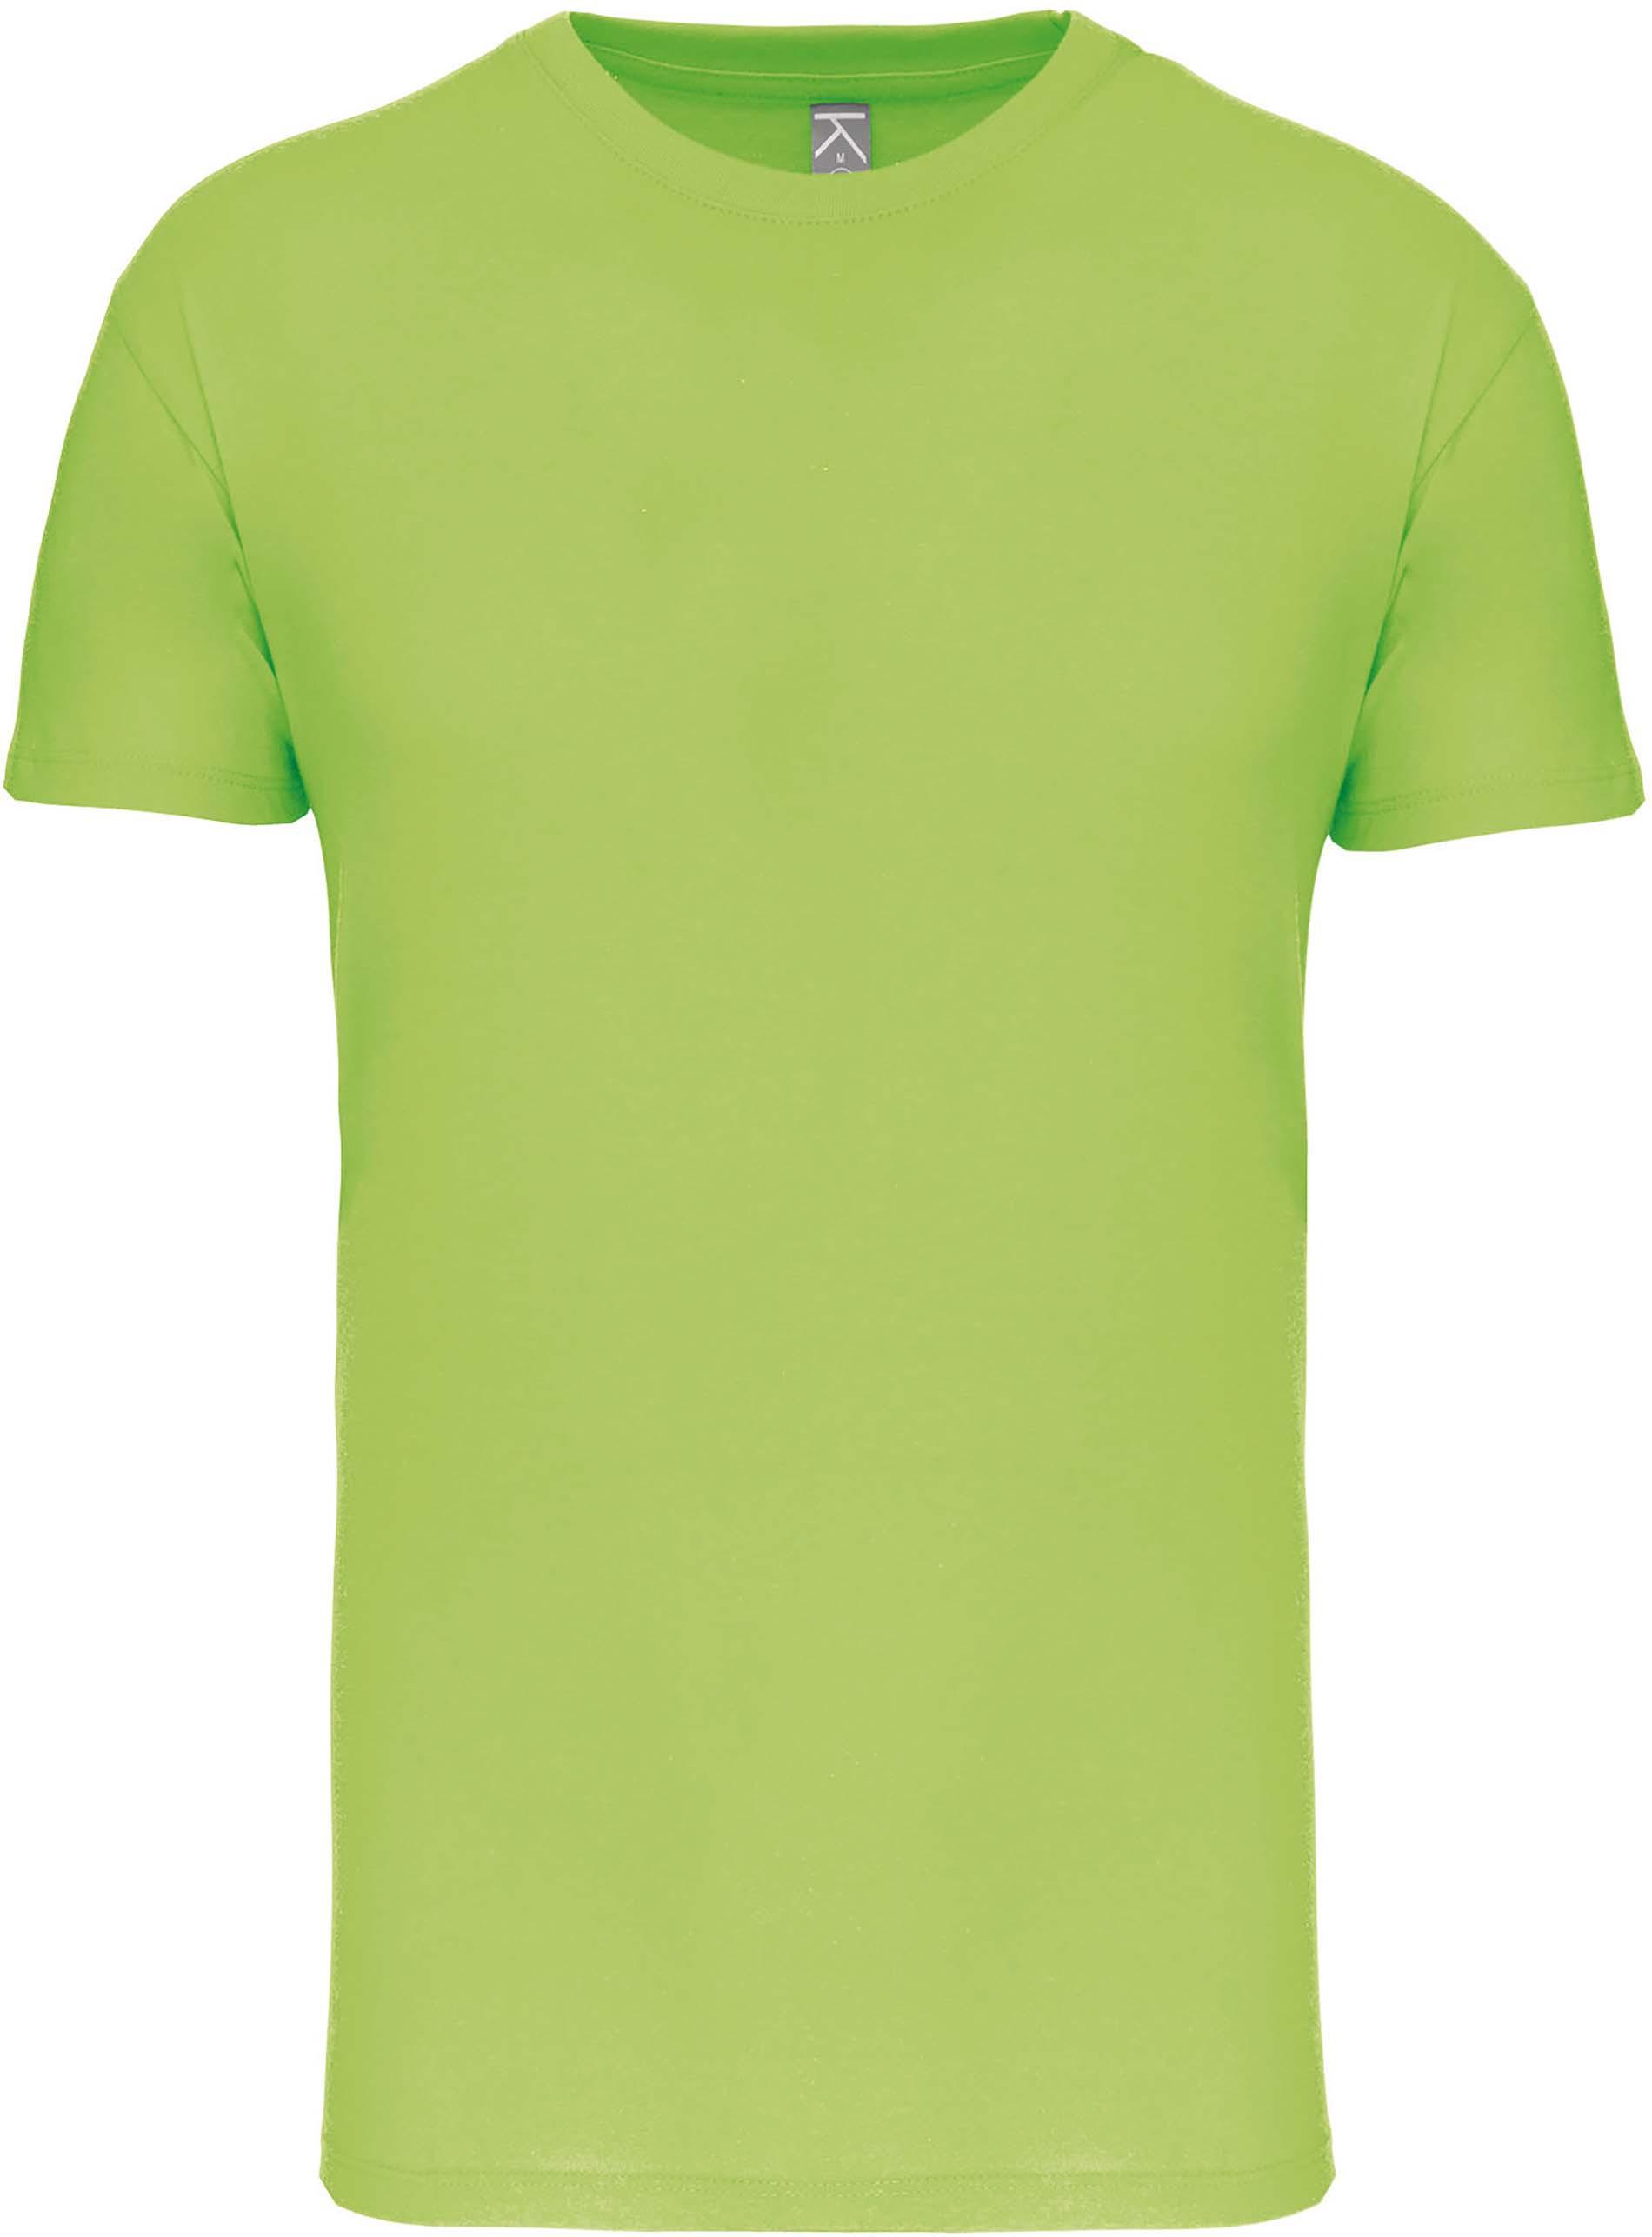 Aanvraag T-shirts